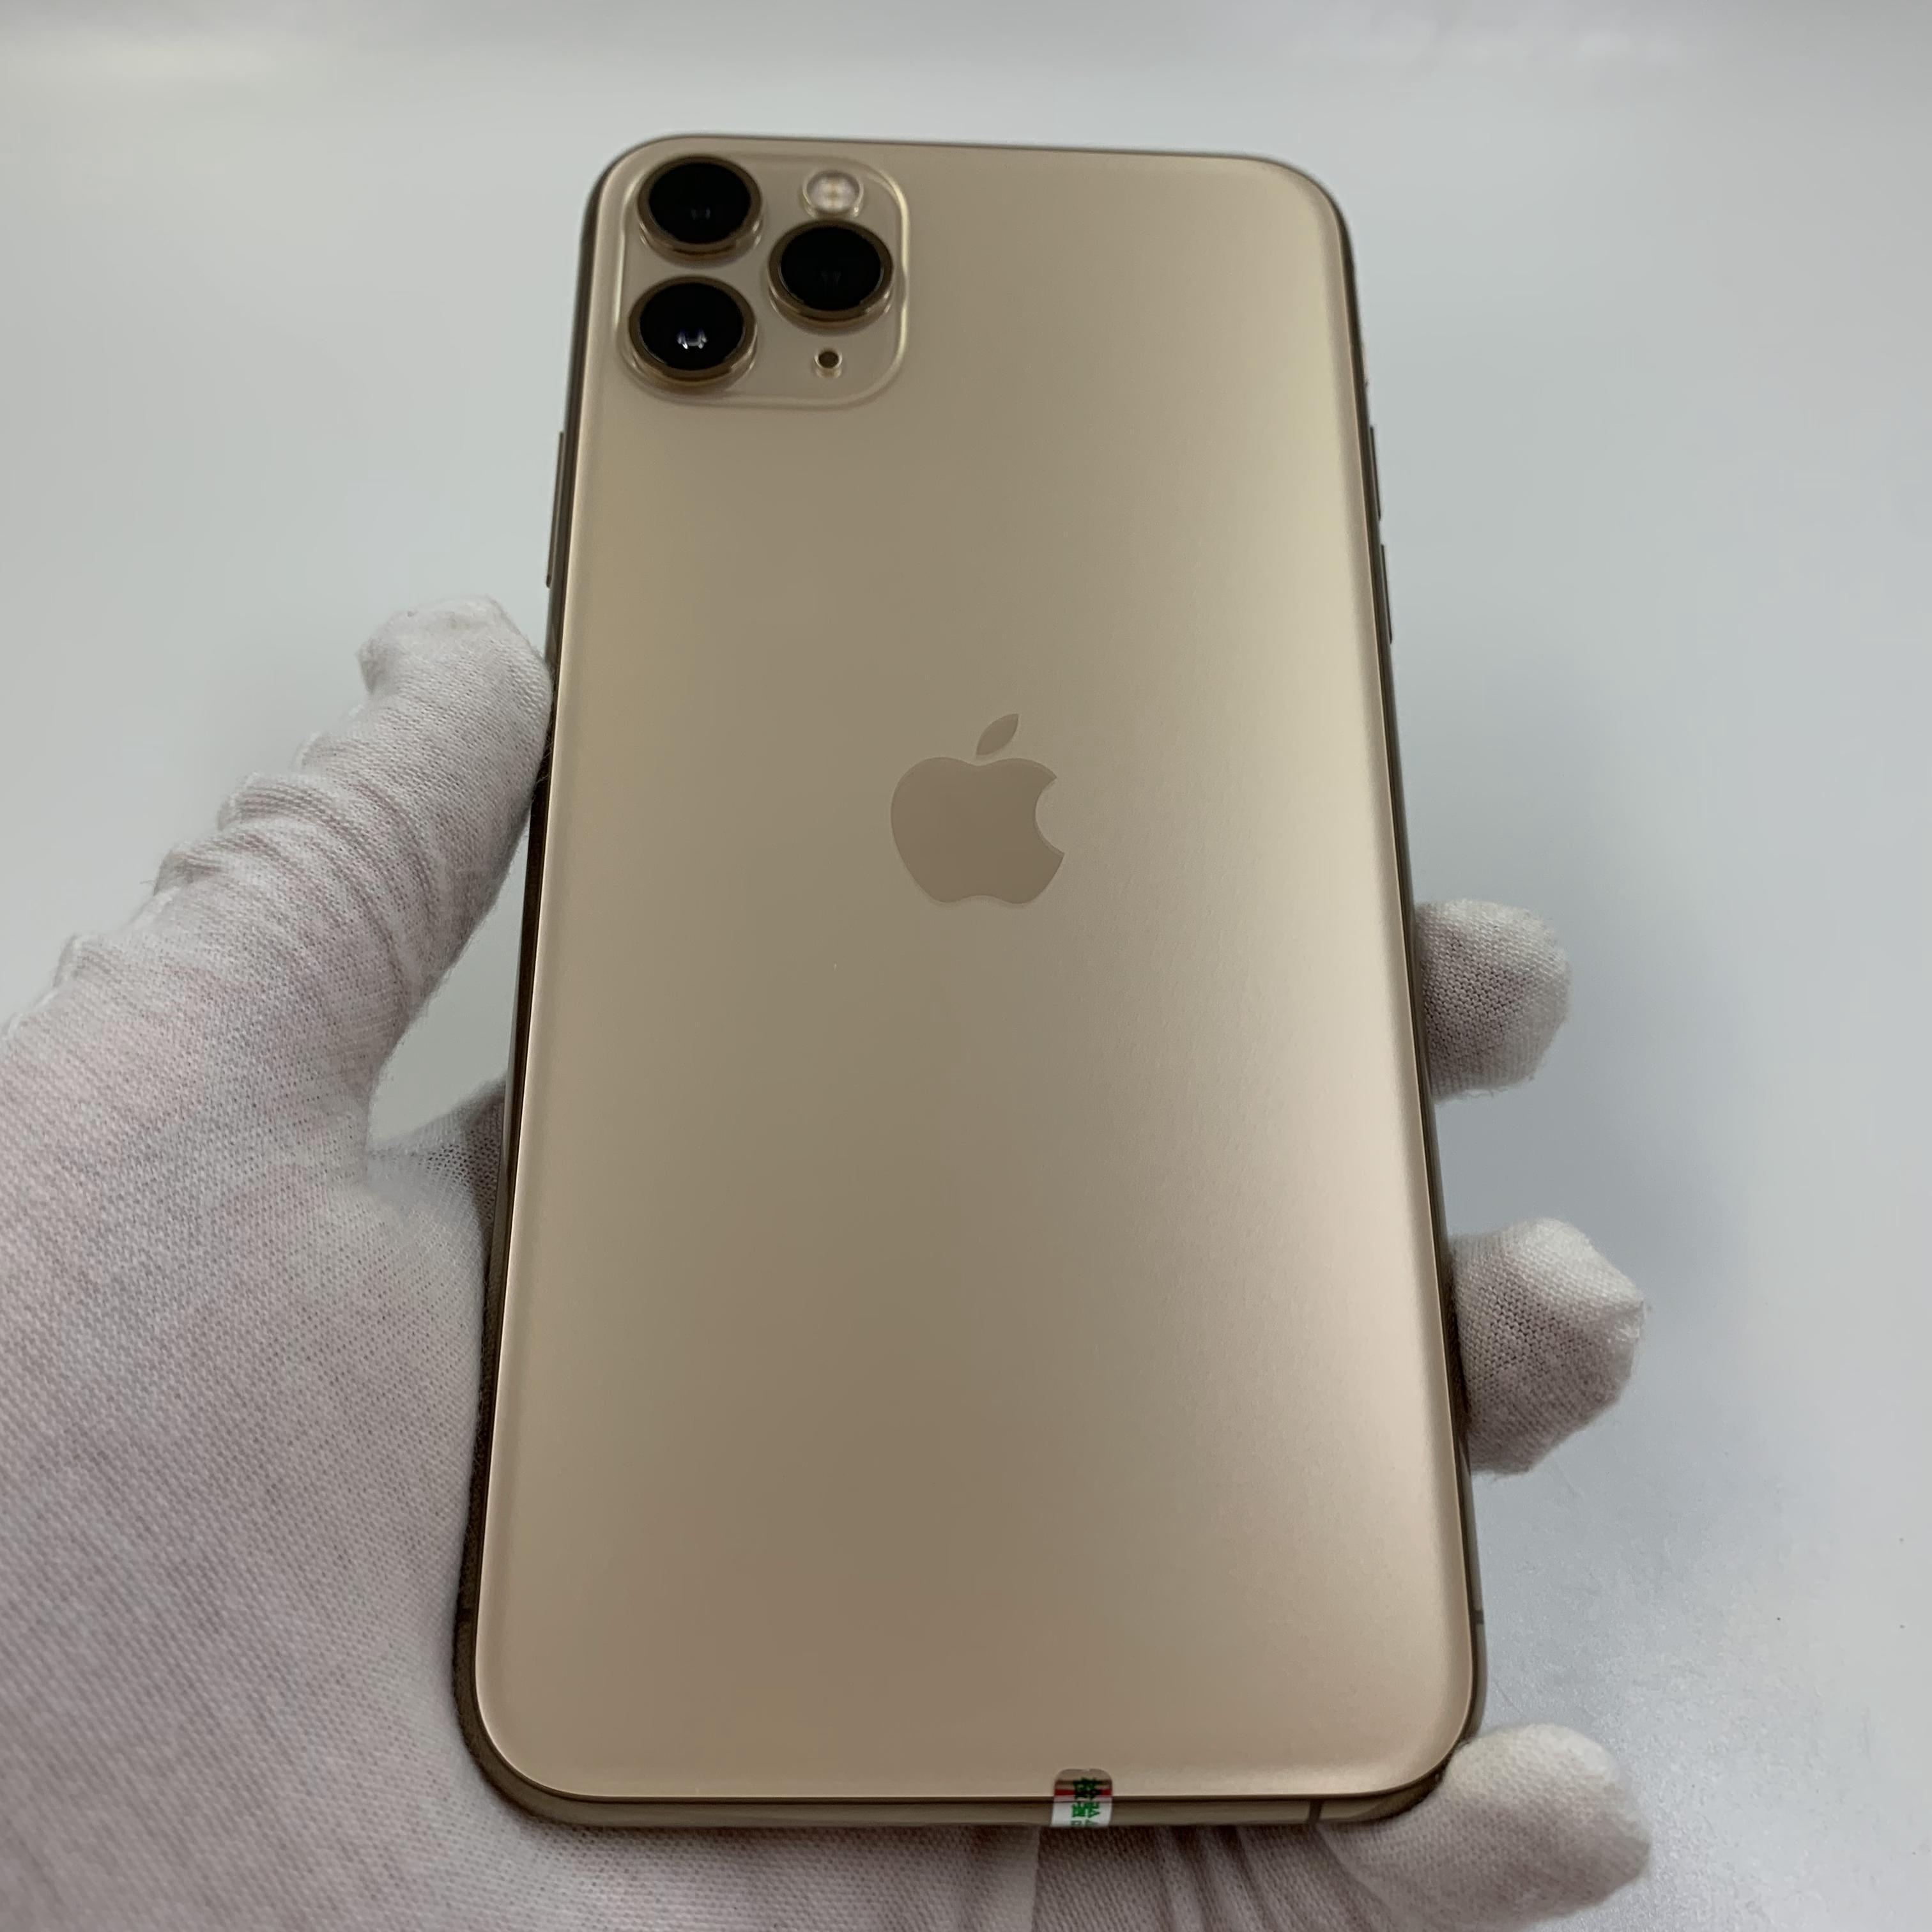 苹果【iPhone 11 Pro Max】4G全网通 金色 256G 港澳台 95新 真机实拍